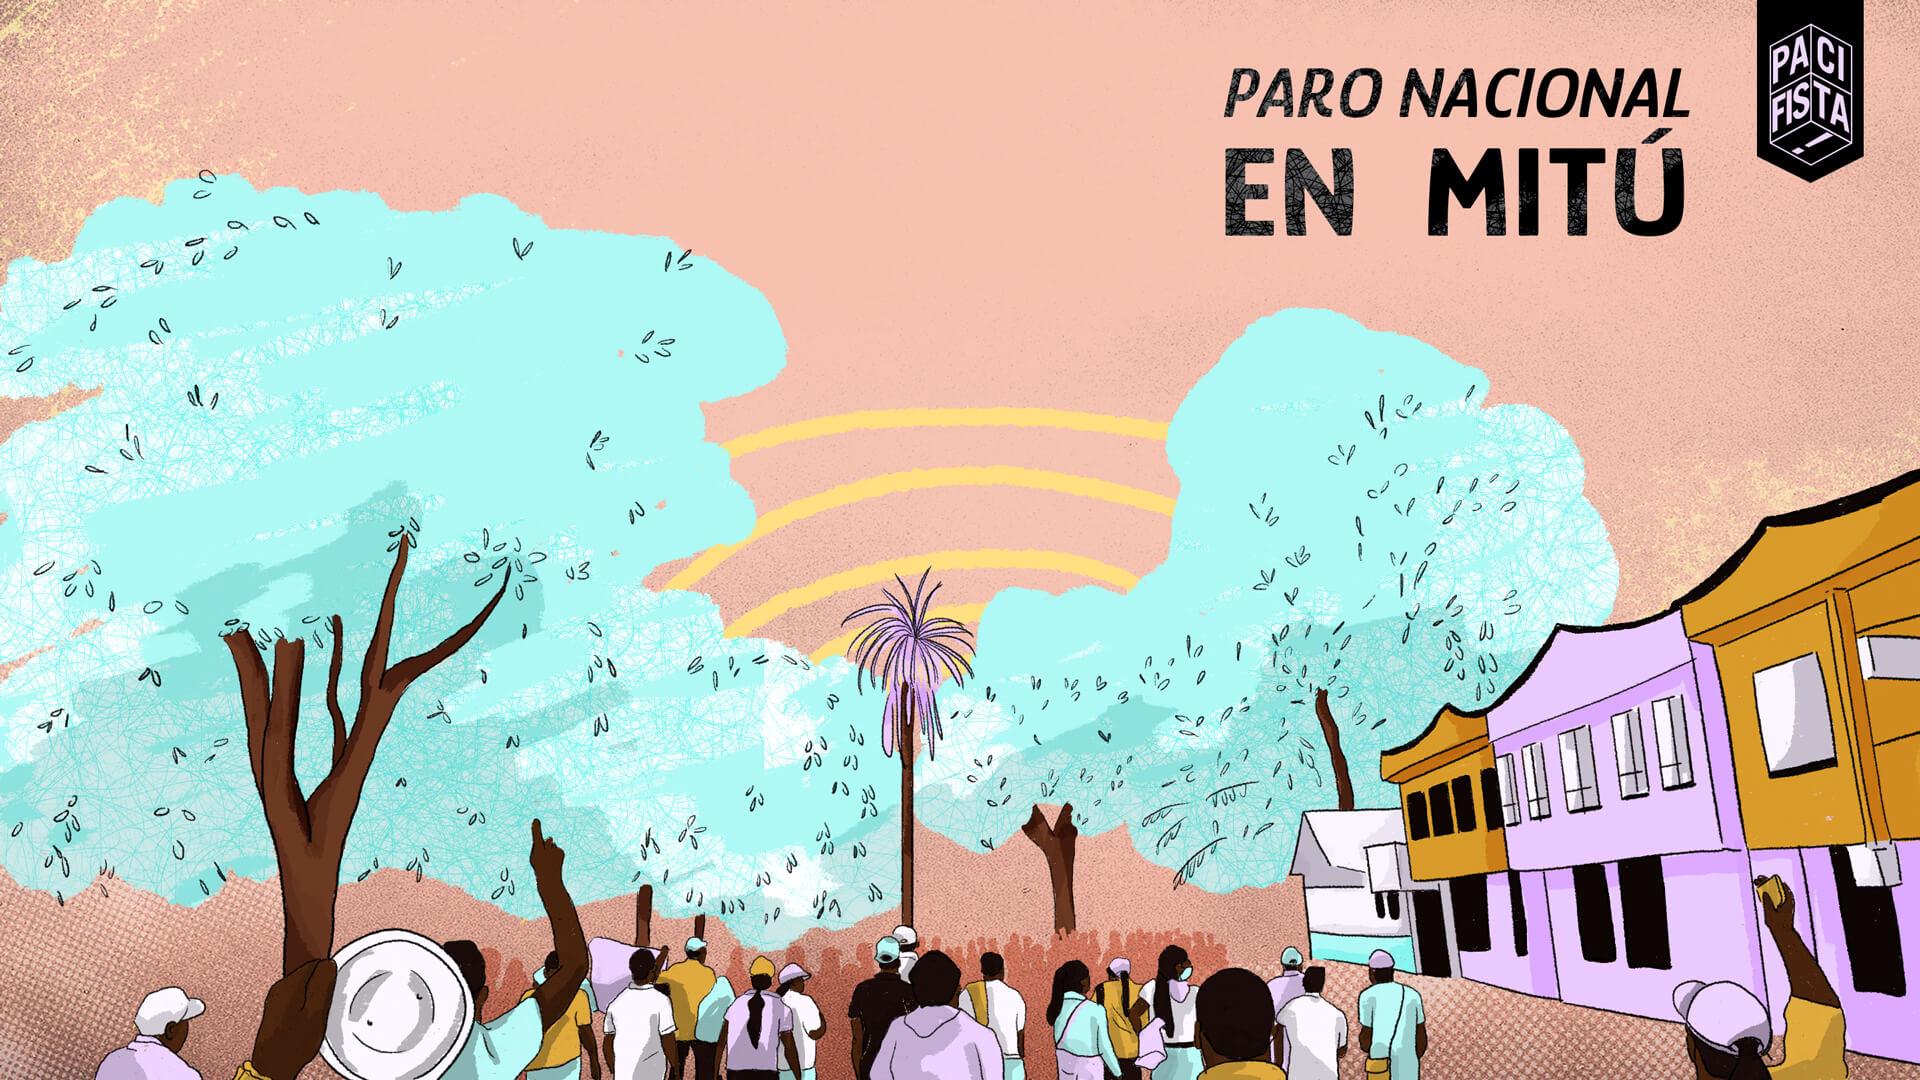 Vaupés despierto y en resistencia: así es la protesta en Mitú